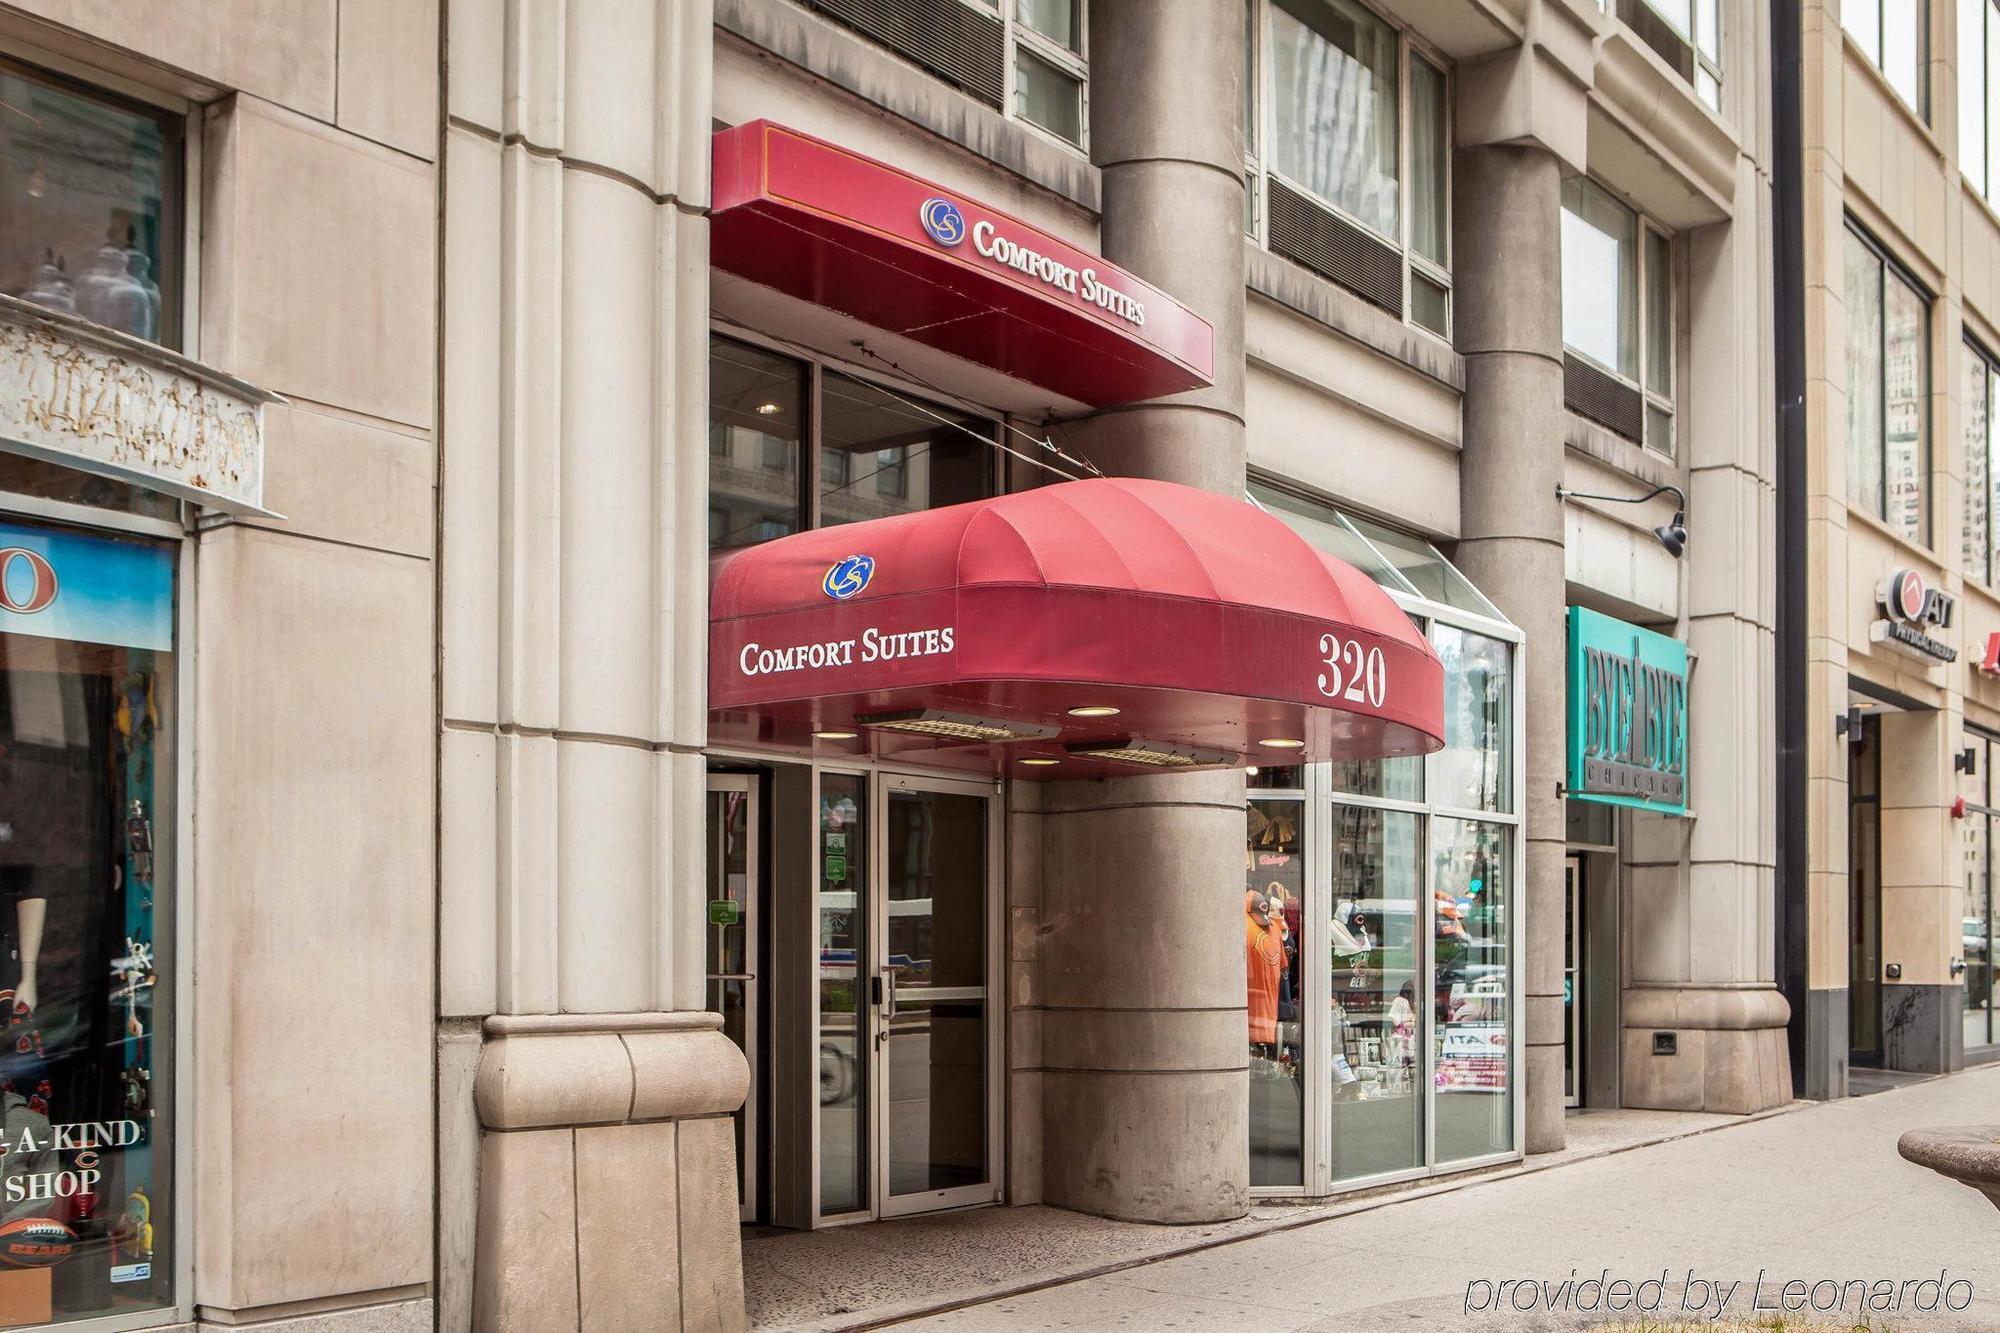 Comfort suites chicago, chicago ***